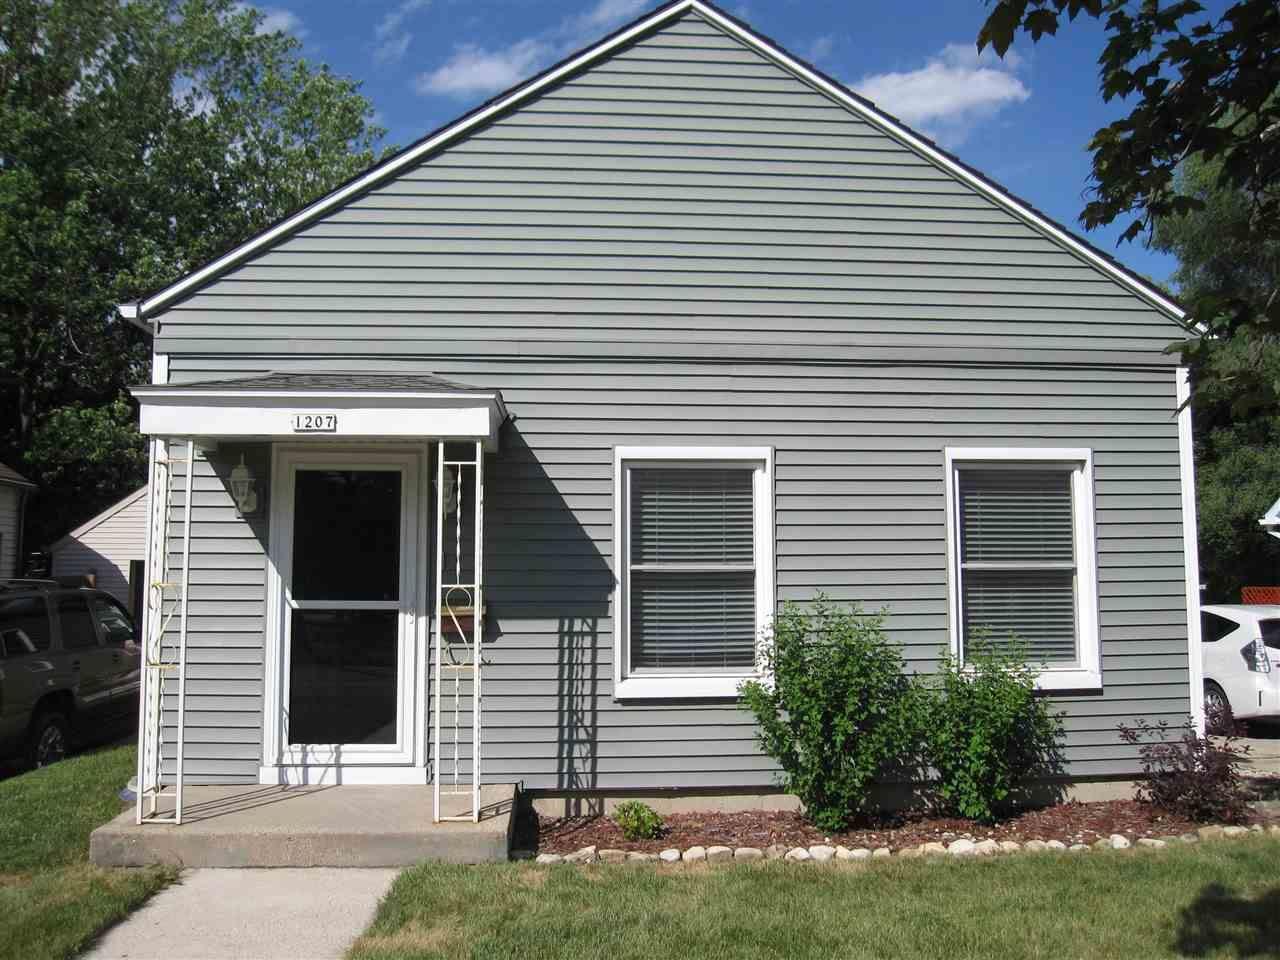 1207 W Wisconsin St, Portage, WI 53901 - #: 1912719